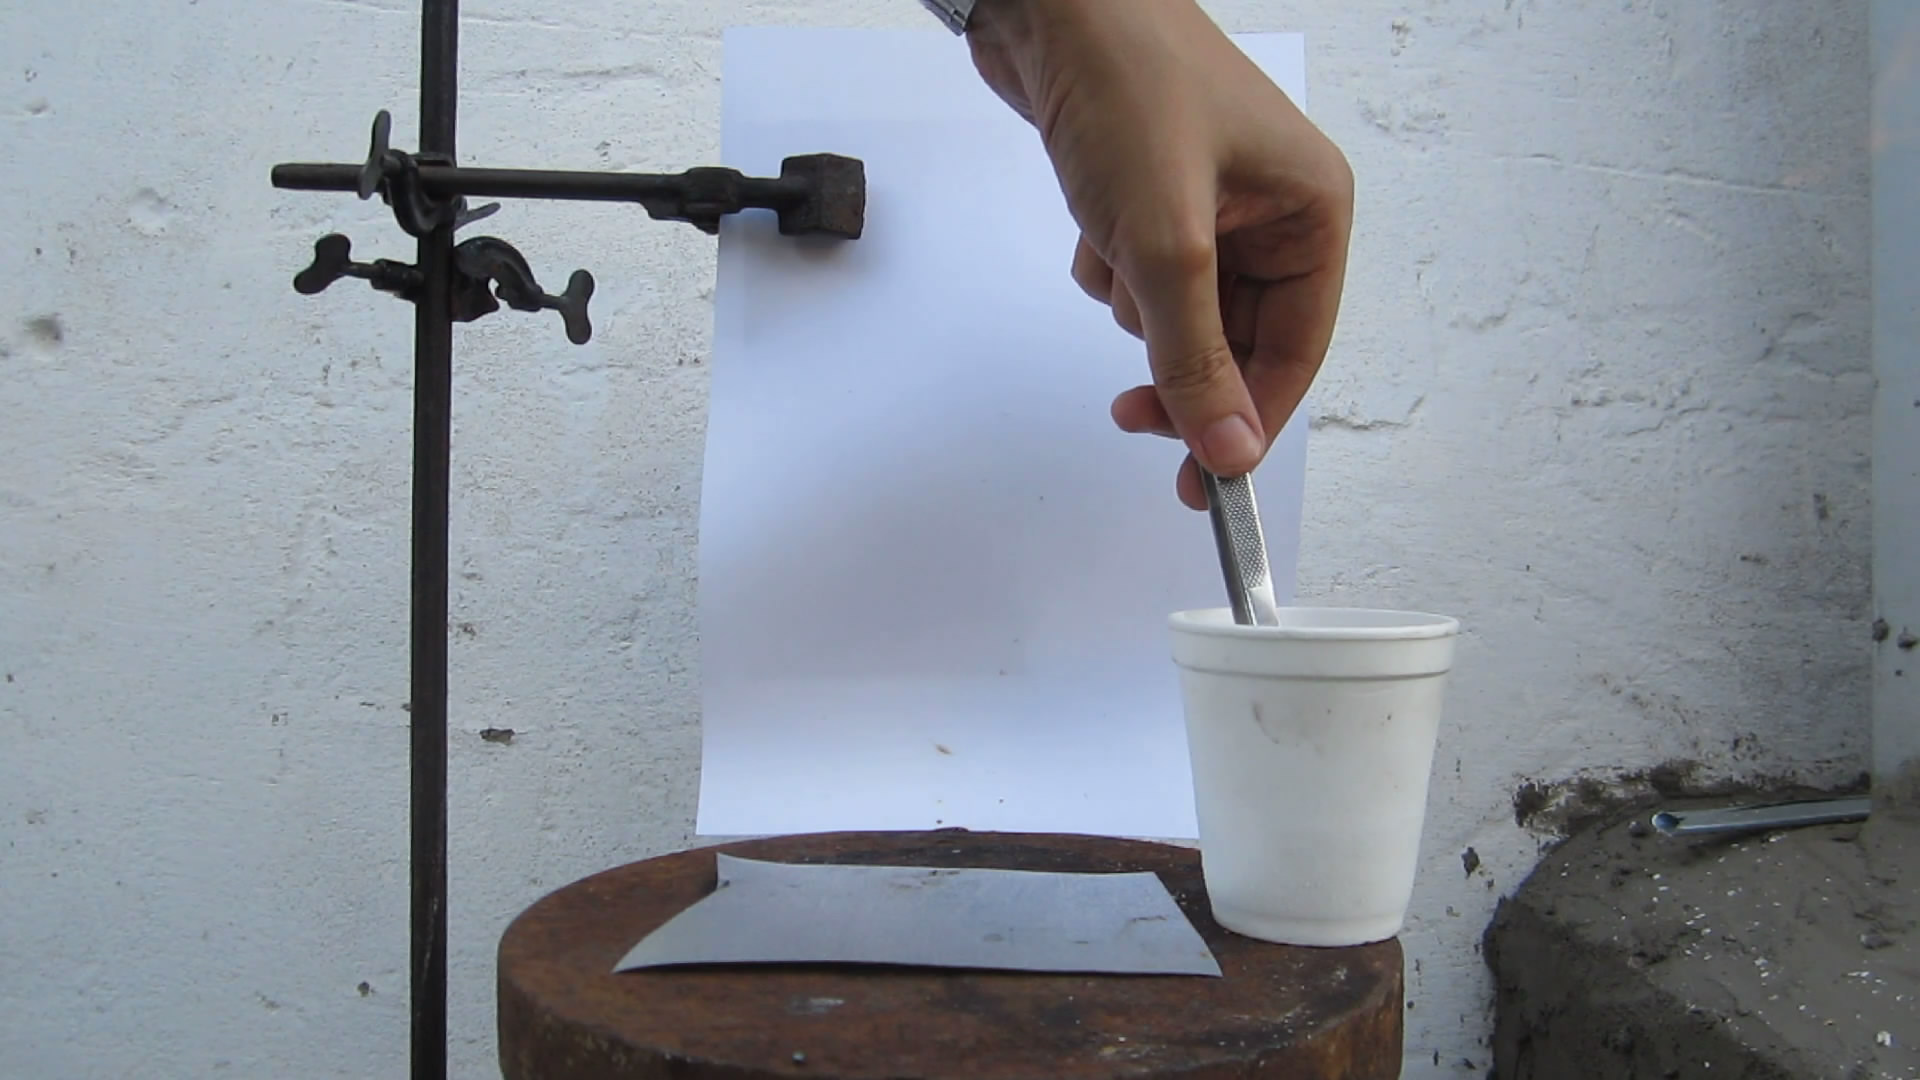 Реактивный сухарь (горение сухаря, пропитанного жидким кислородом). Experiments with liquid oxygen